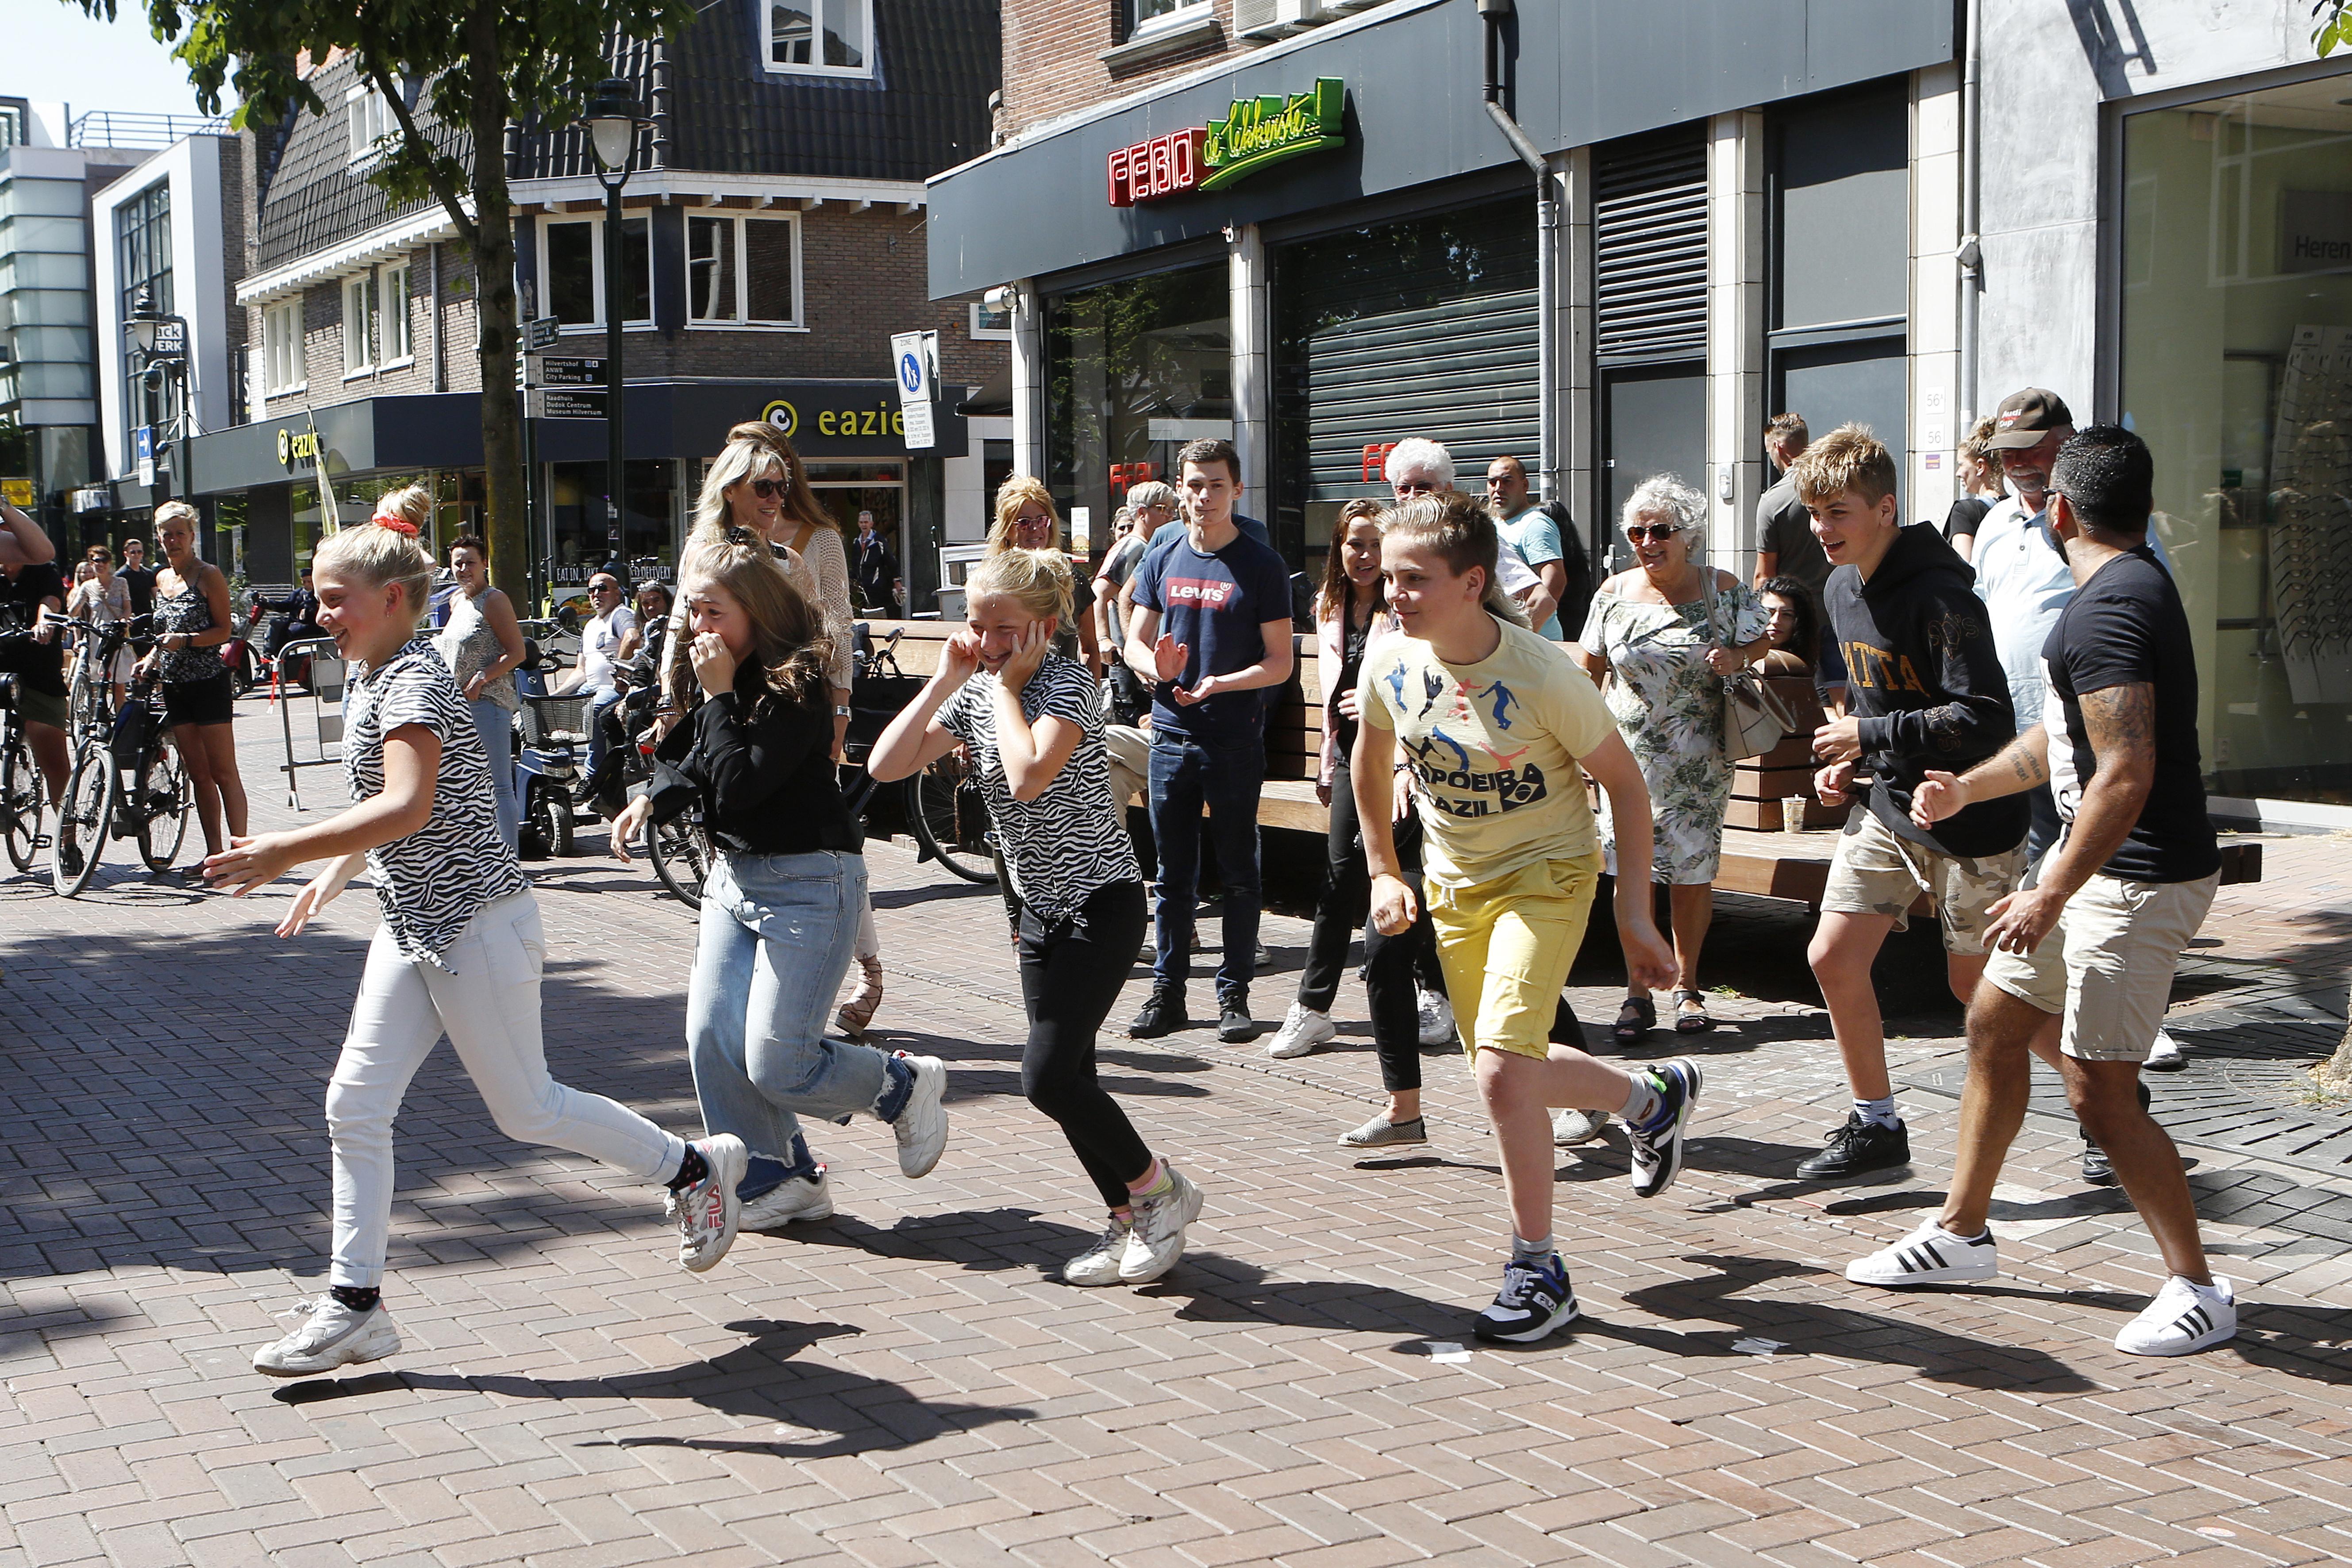 Rennend het terras op in Hilversum! 'Dolblij dat we weer mogen' en 'Fijn om andere gezichten te zien'